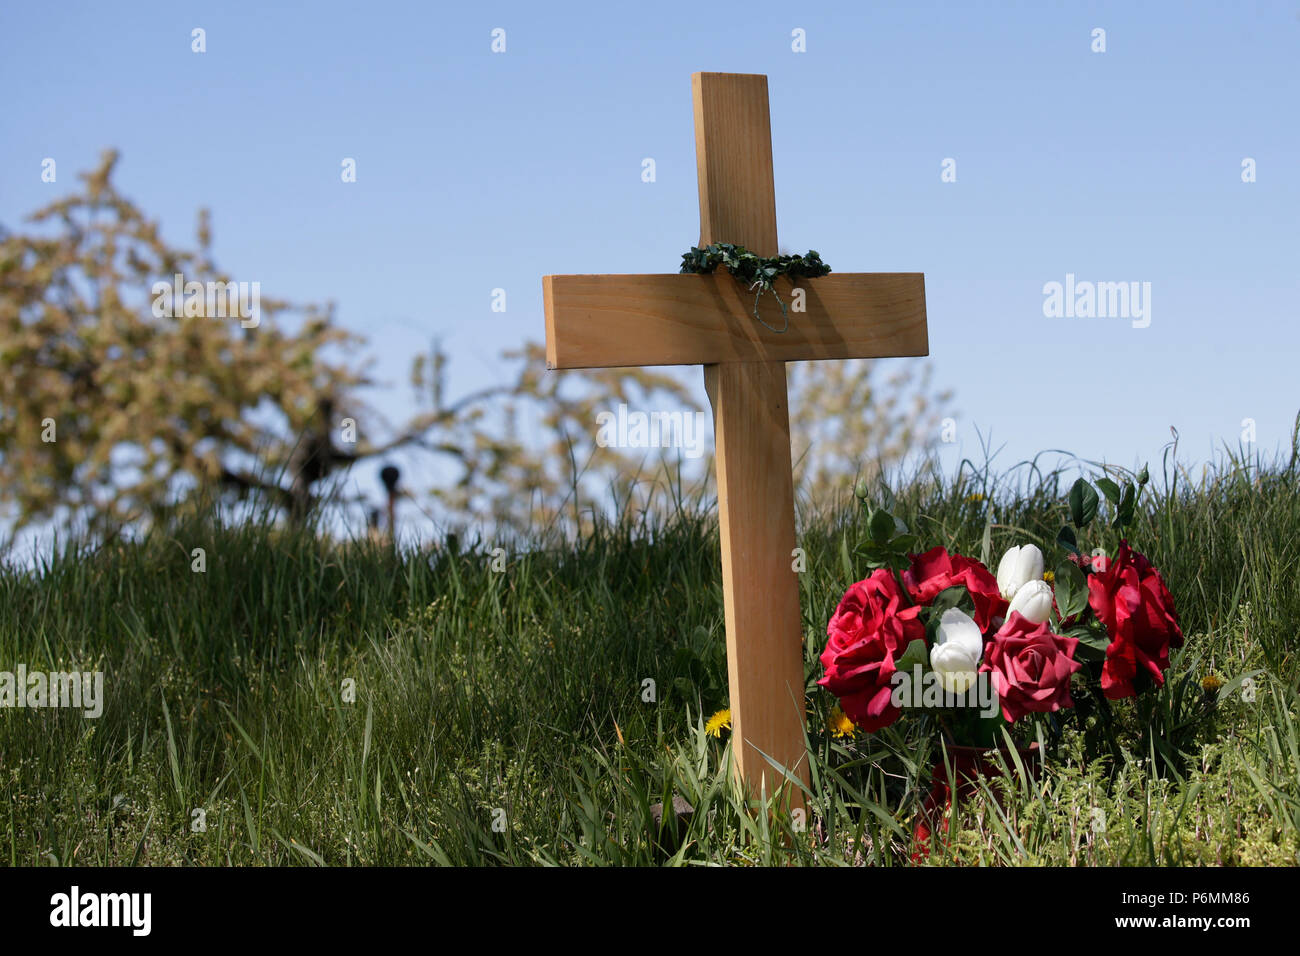 Graditz, Alemania - Cruz conmemorativa para una víctima de tráfico en la carretera Imagen De Stock